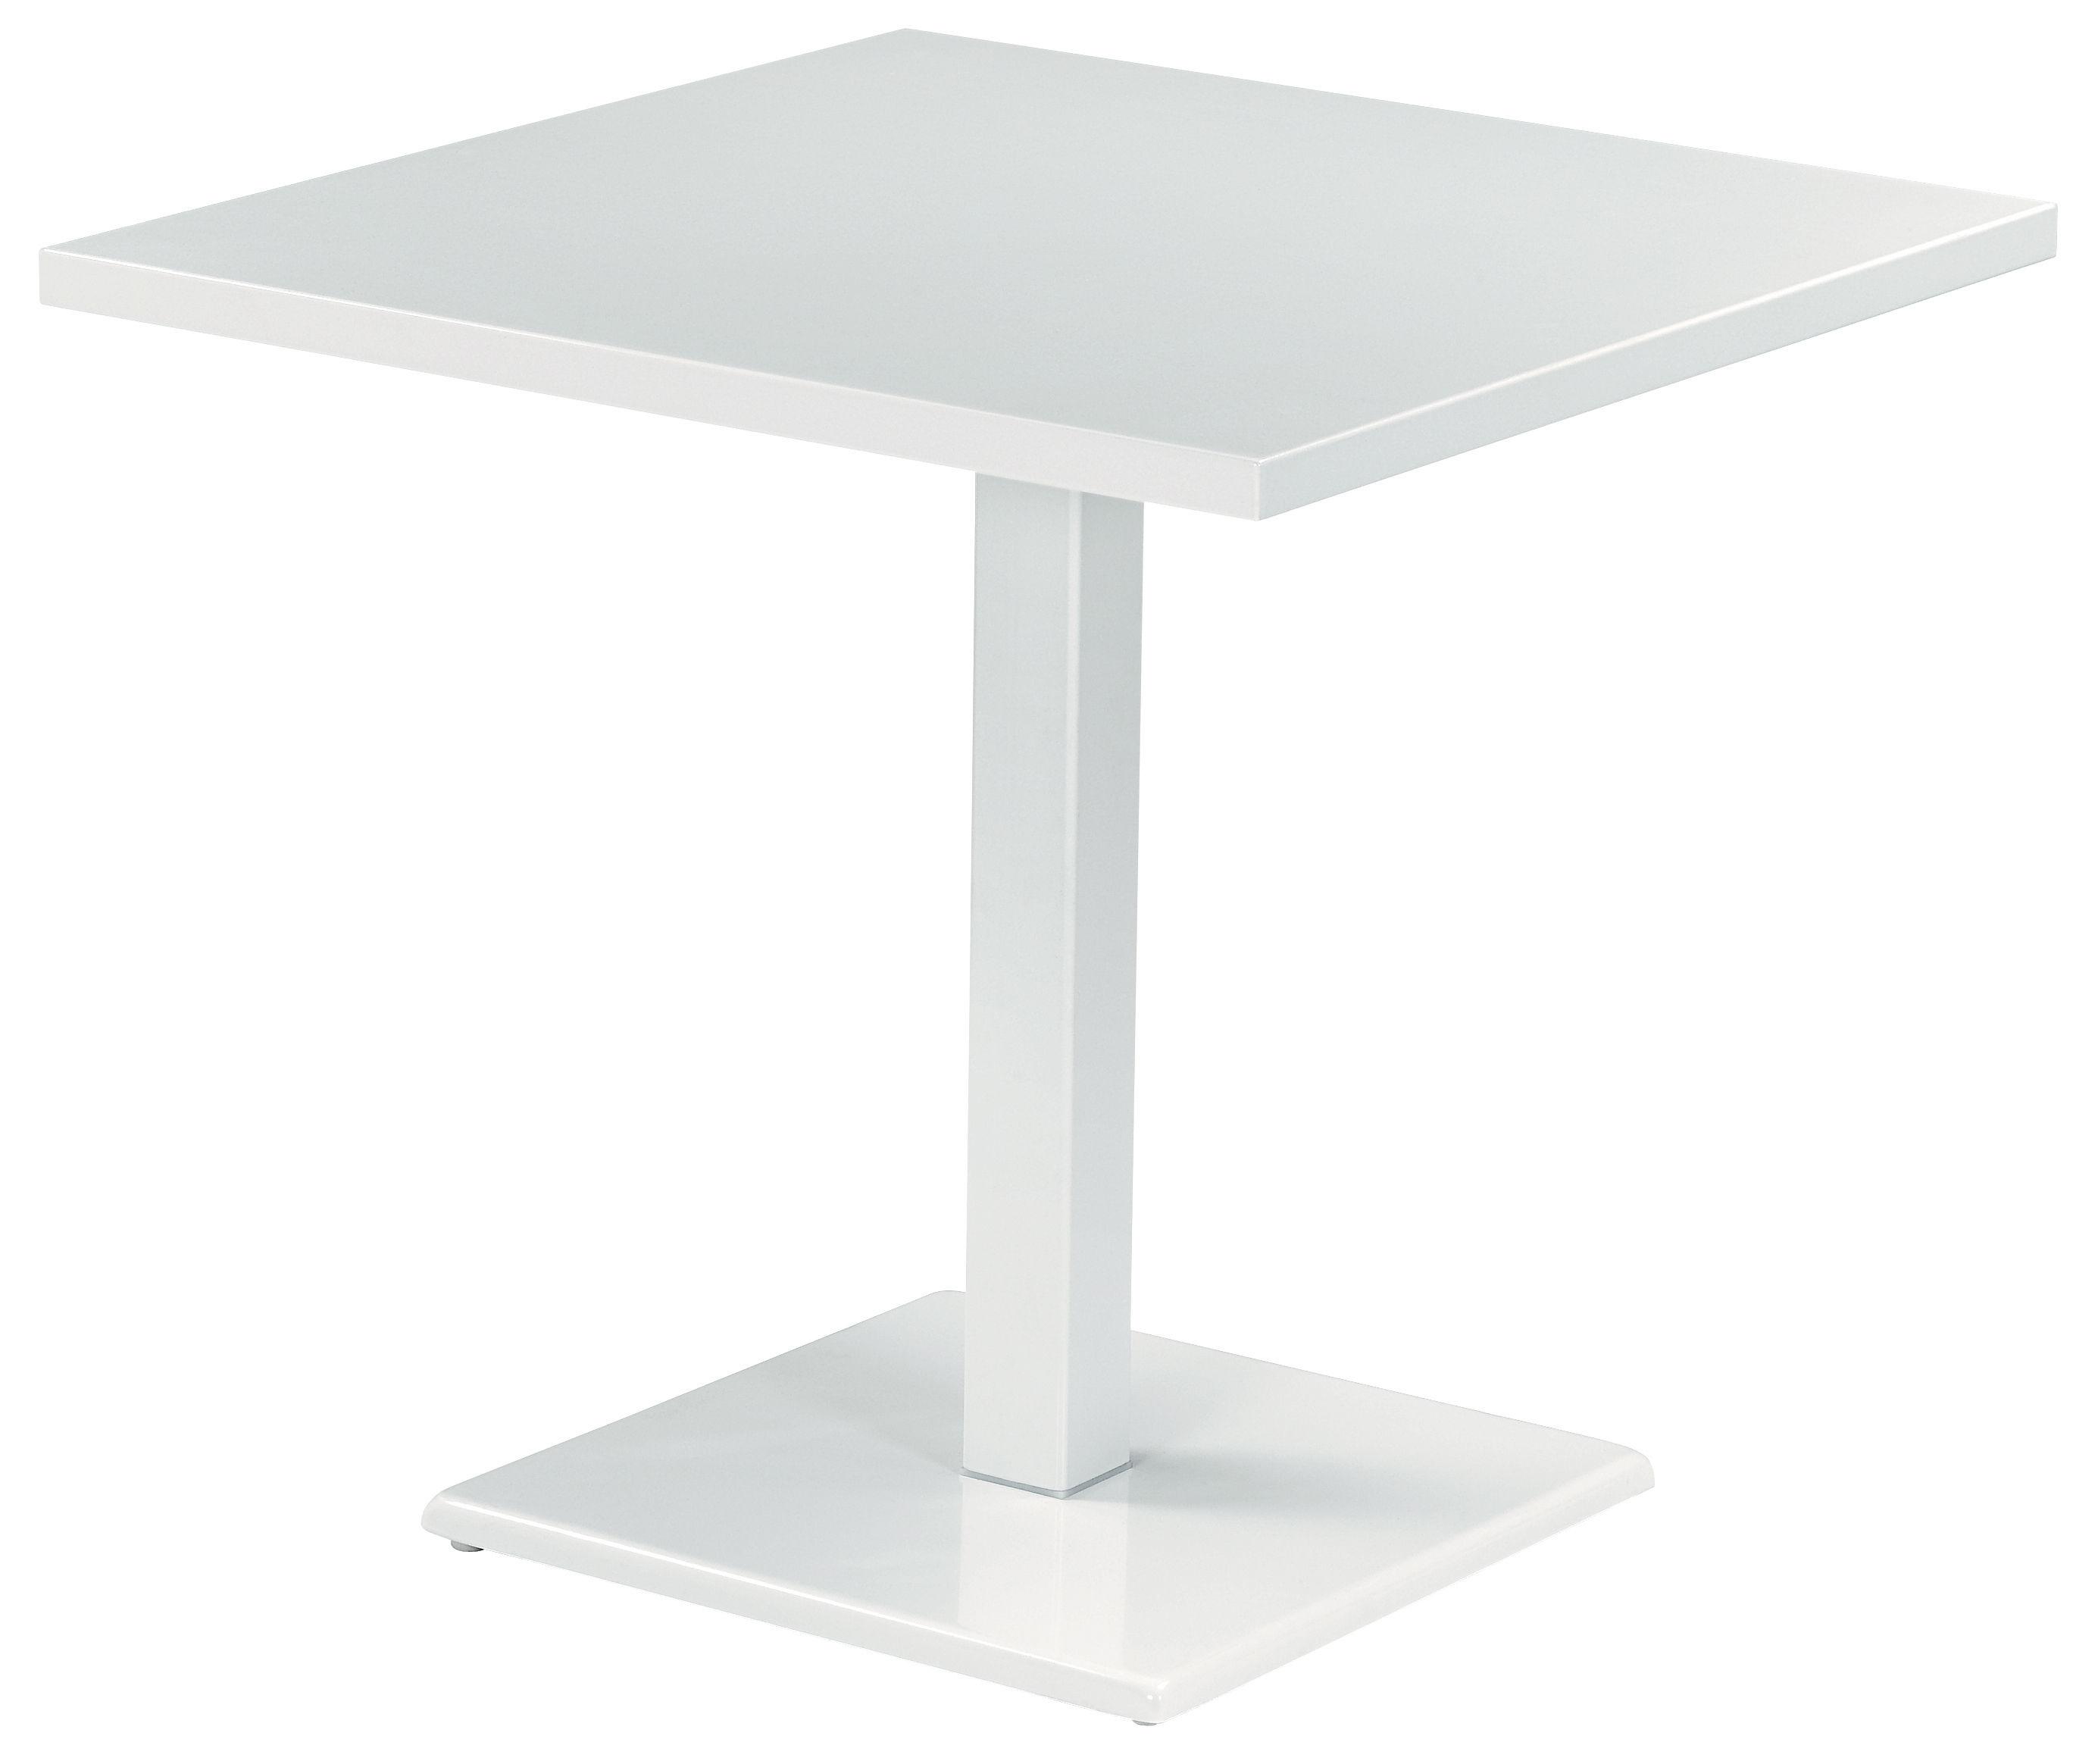 Table de jardin round 80 x 80 cm blanc emu for Jardin 80